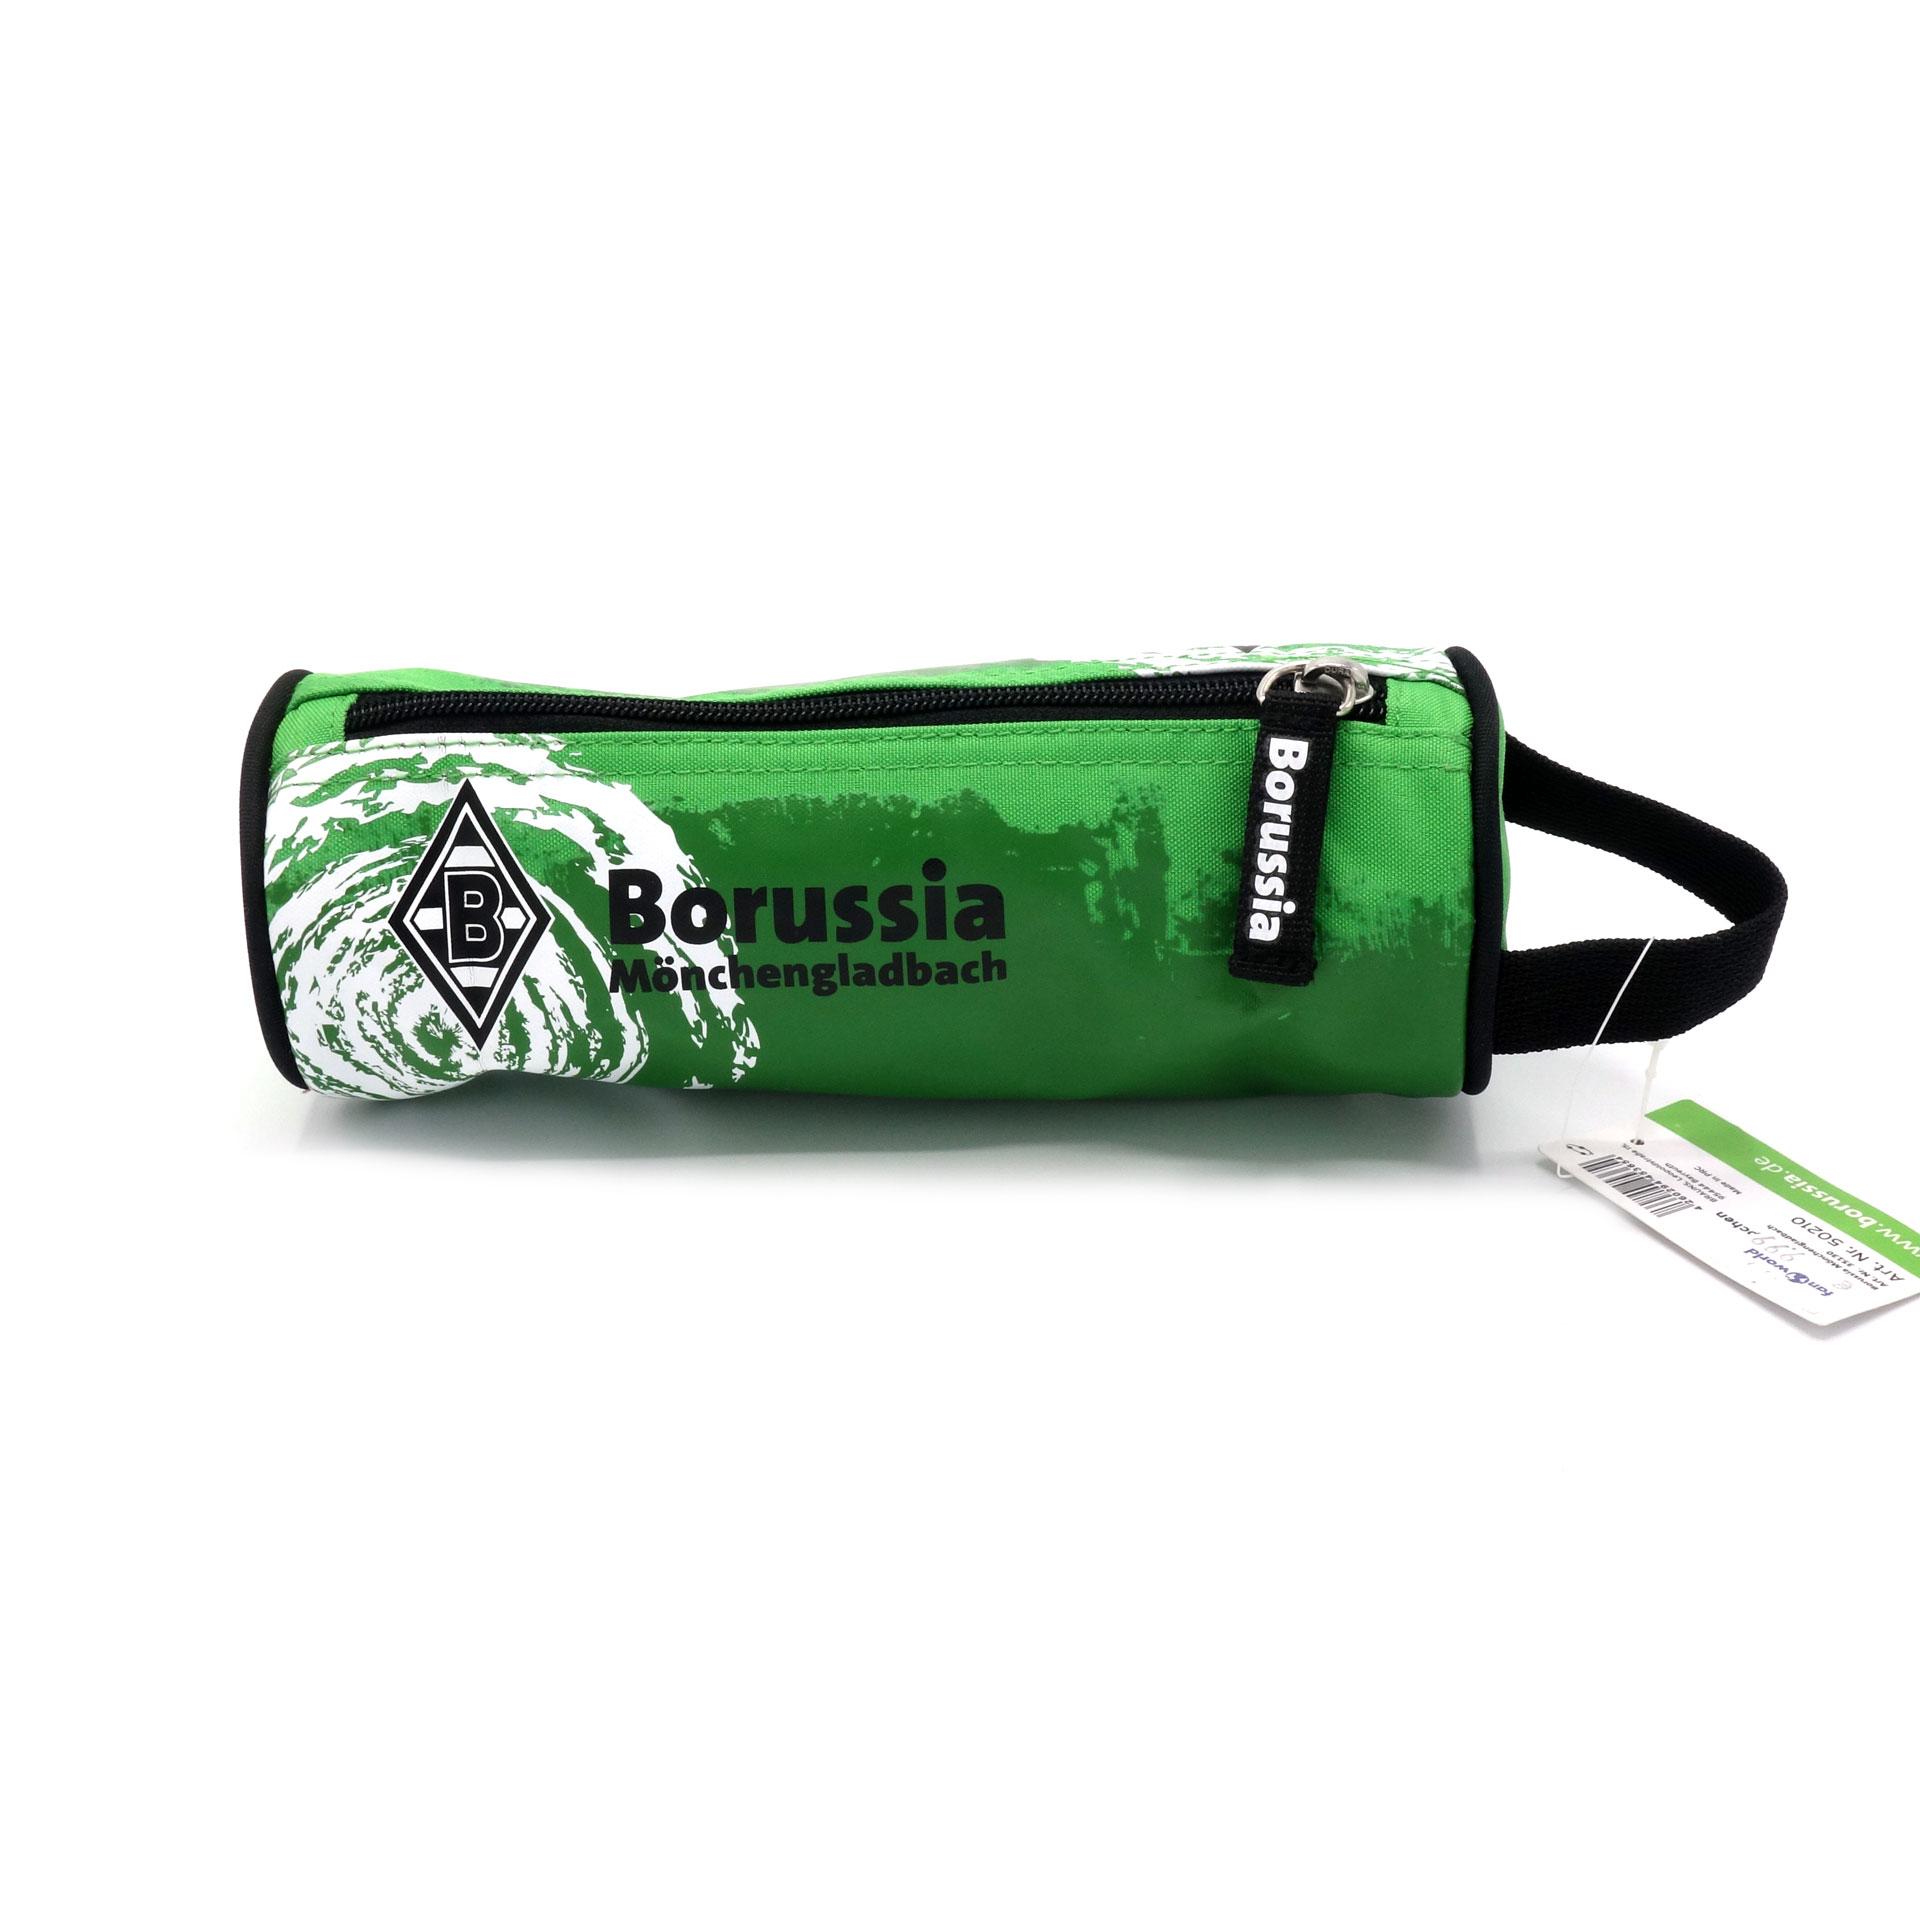 Borussia Mönchengladbach Schlampertasche